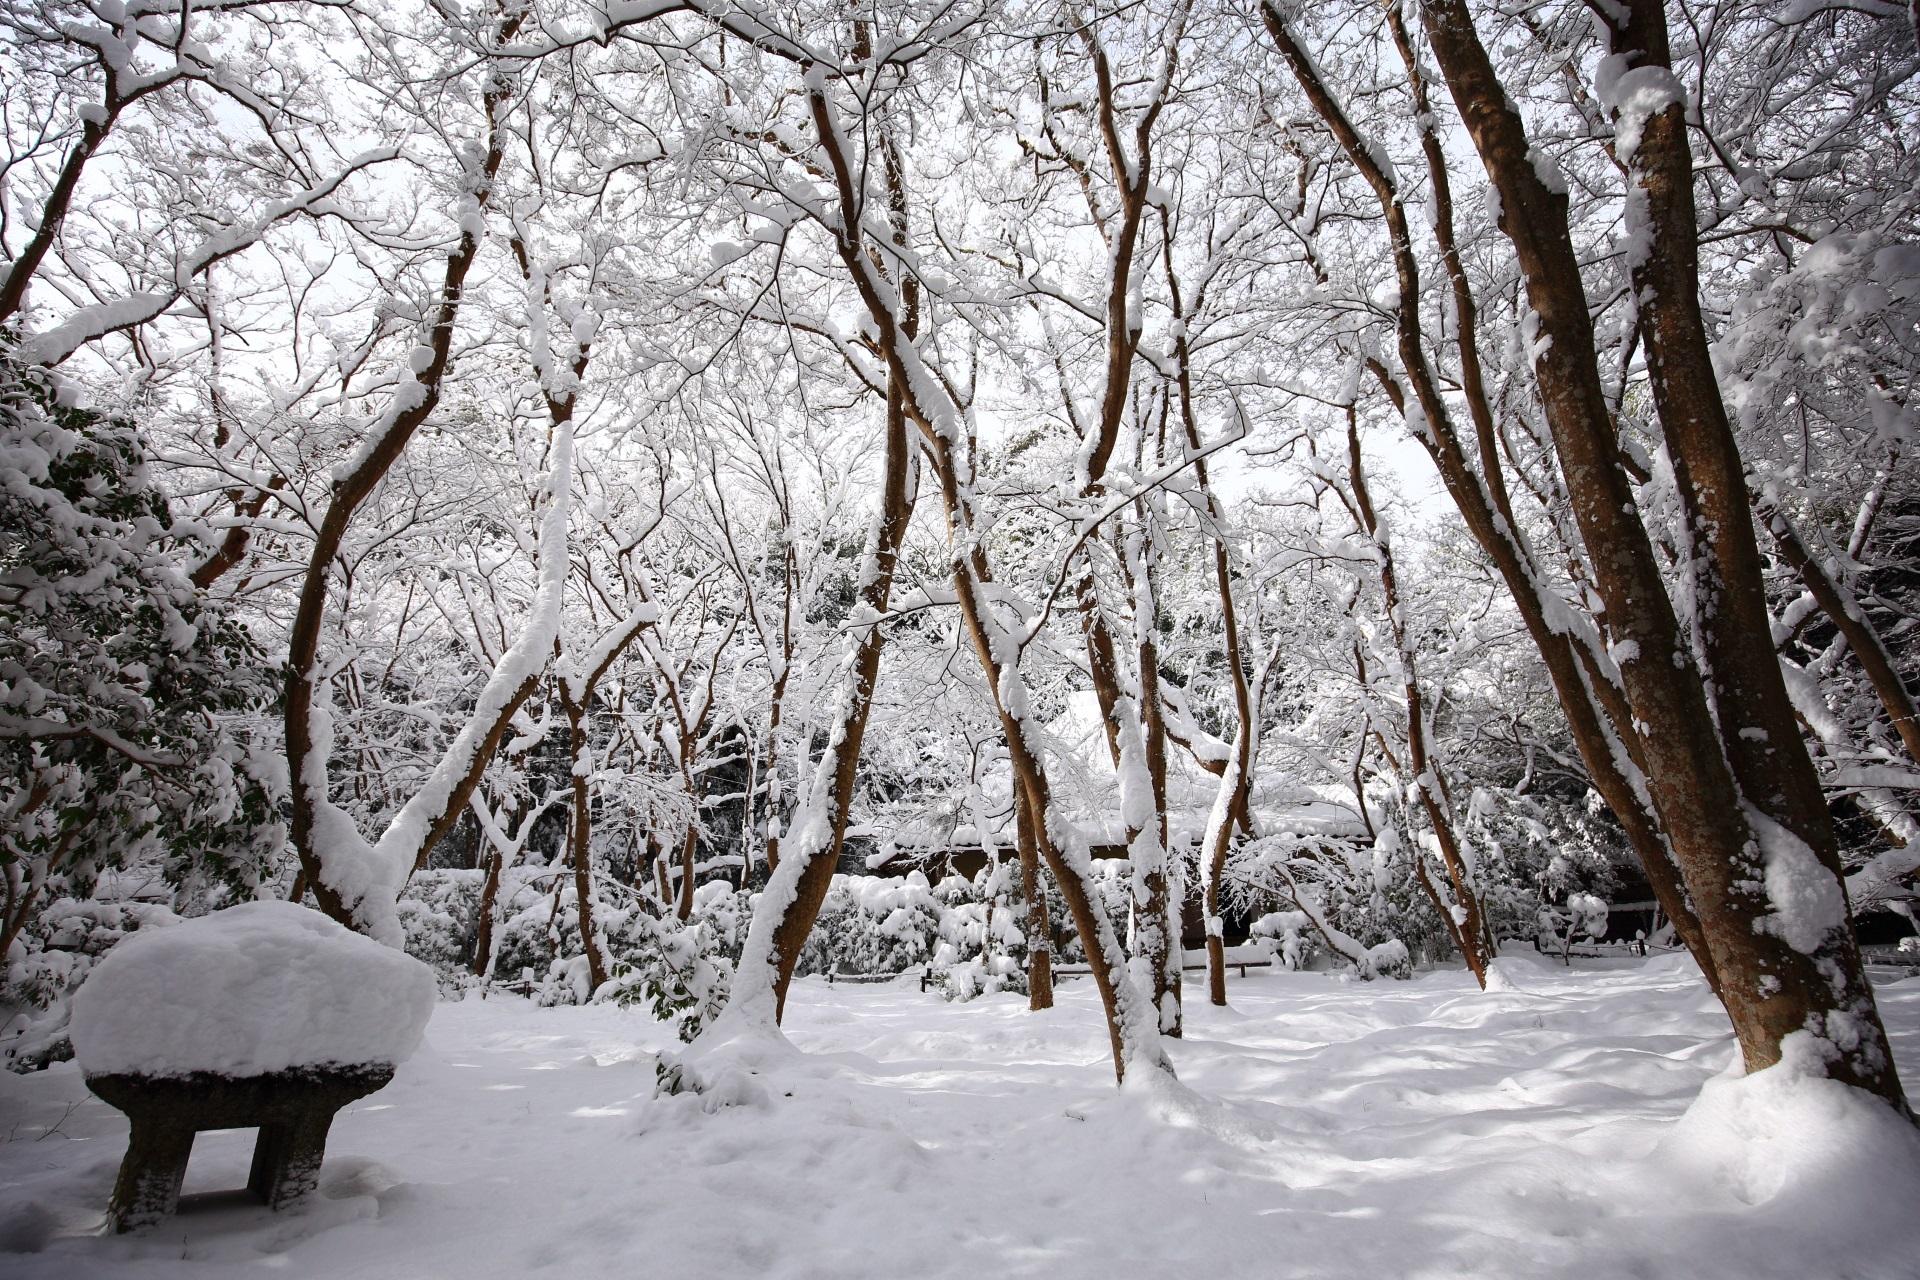 祇王寺 雪 冬の京都奥嵯峨の白い空間